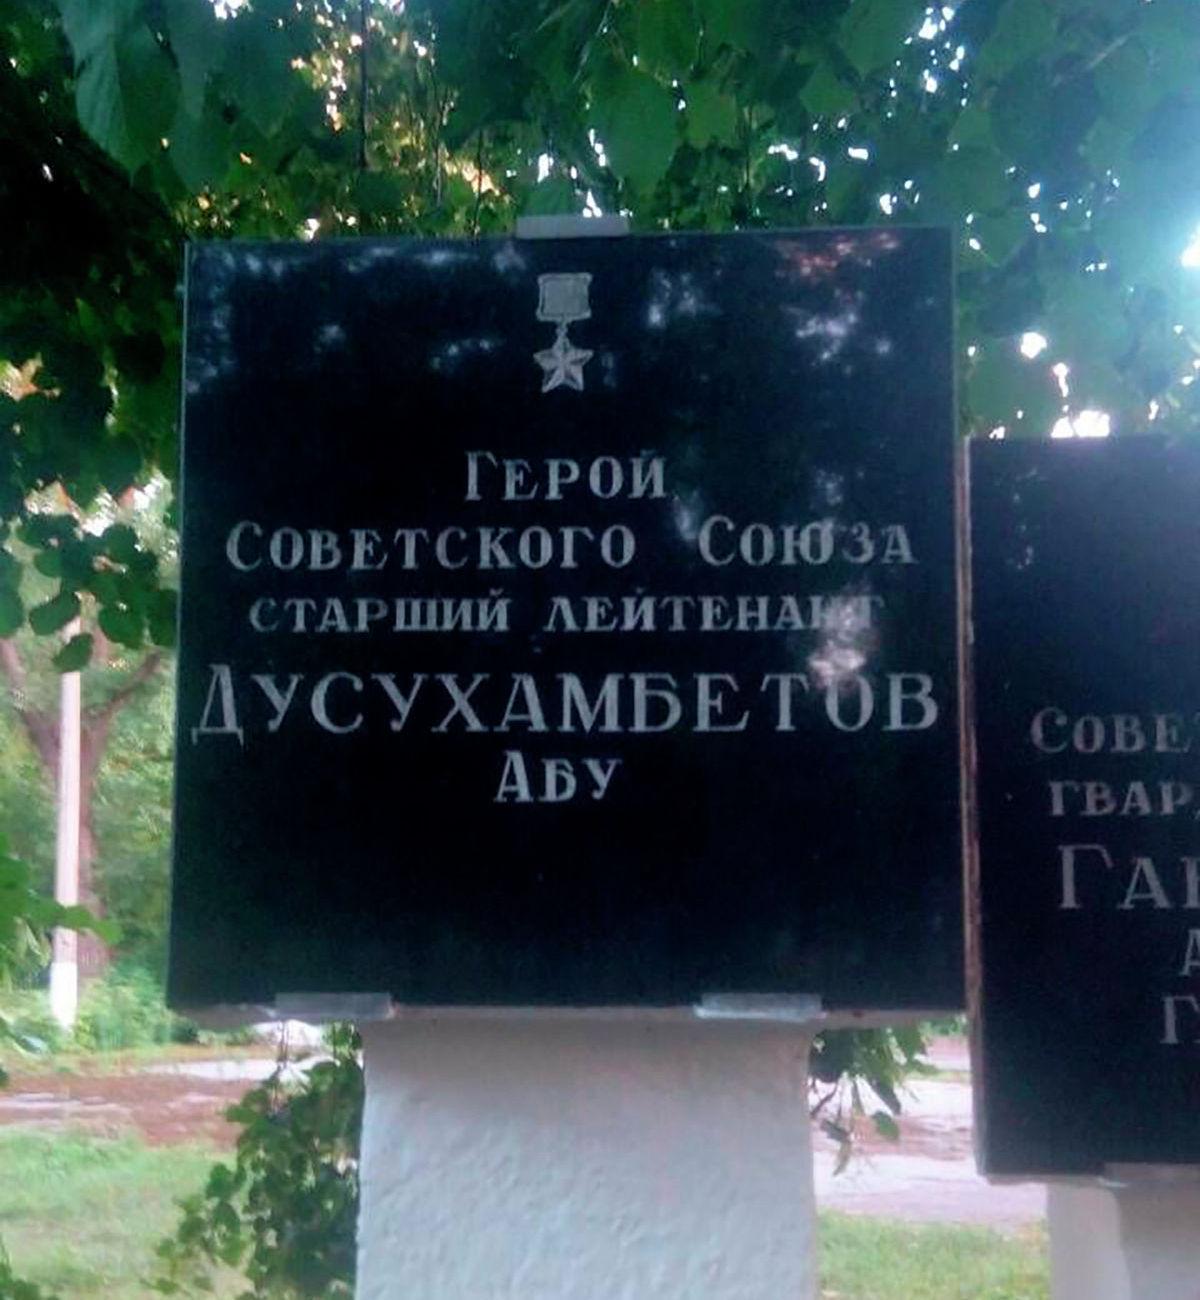 Могила Абу Дусухамбетова в Чернобыле